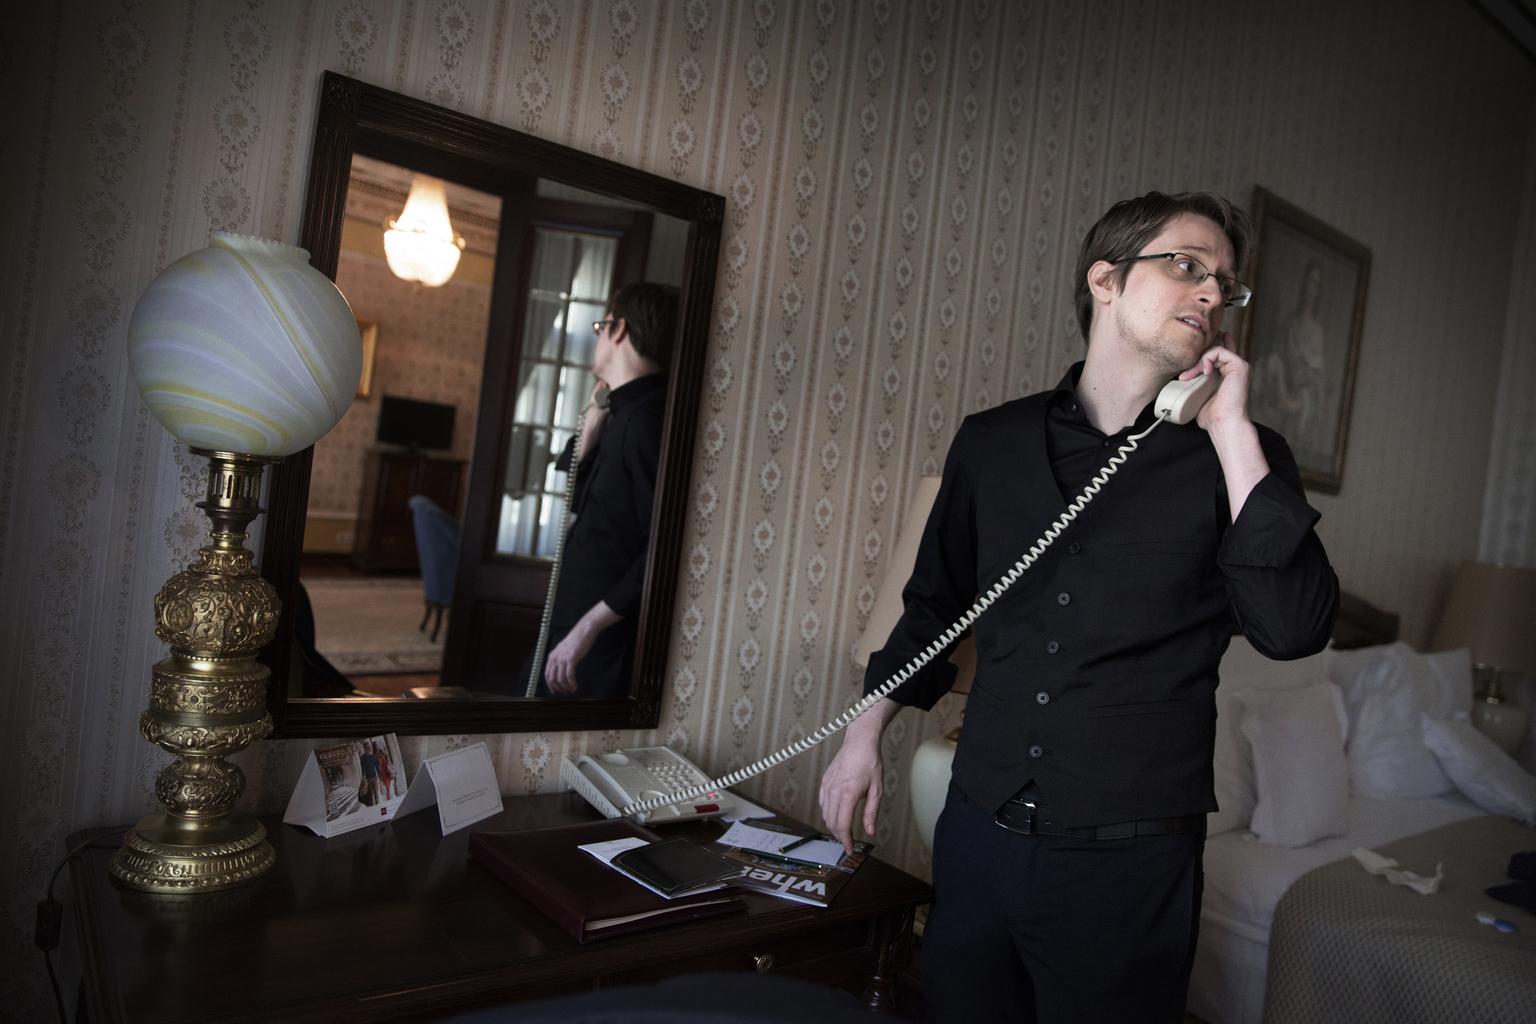 Edward Snowden 2015. október 21-én Moszkvában, a svéd Dagens Nyheter újsággal készített interjú során Fotó:EUROPRESS/Lotta Gardelin/Dagens Nyheter/AFP #moszkvater